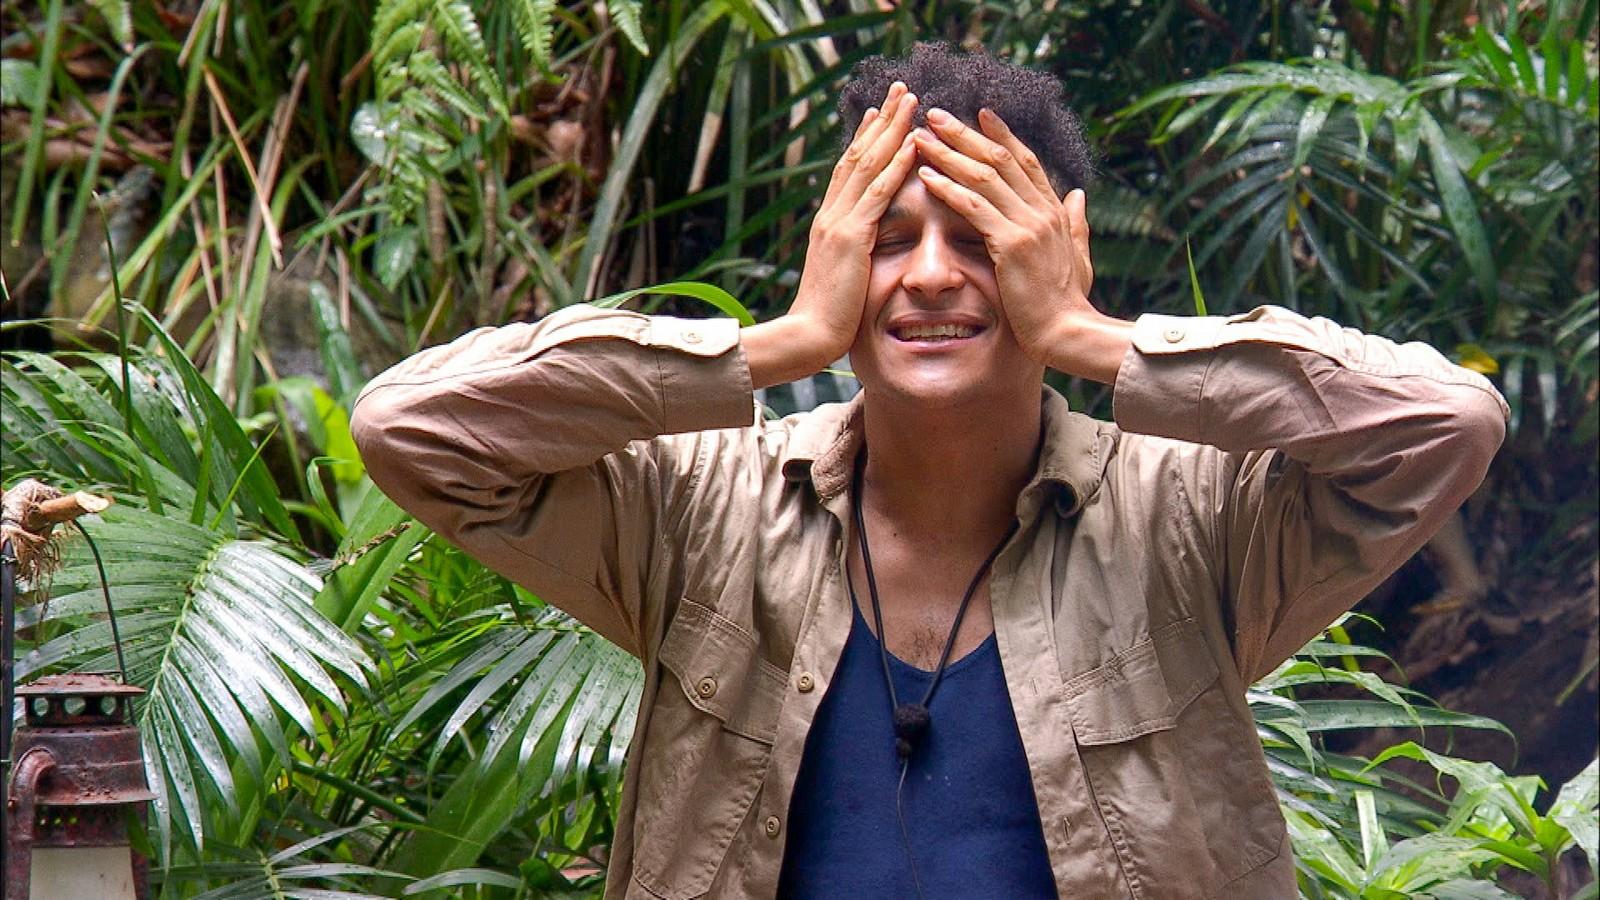 Prince Damien im Dschungelcamp